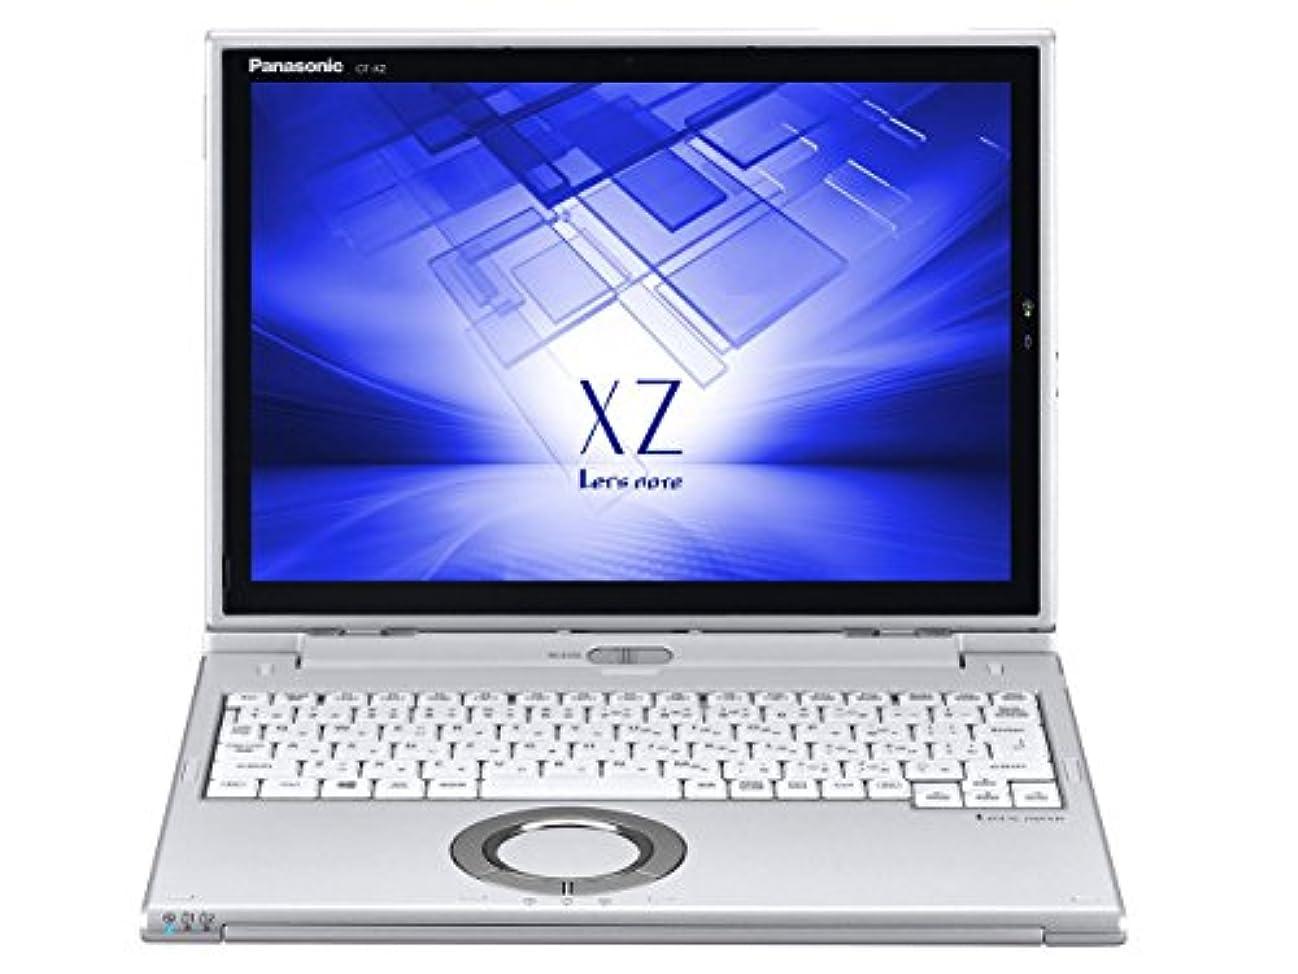 ミッション平凡ディスパッチパナソニック CF-XZ6HDAPR Lets note XZシリーズ